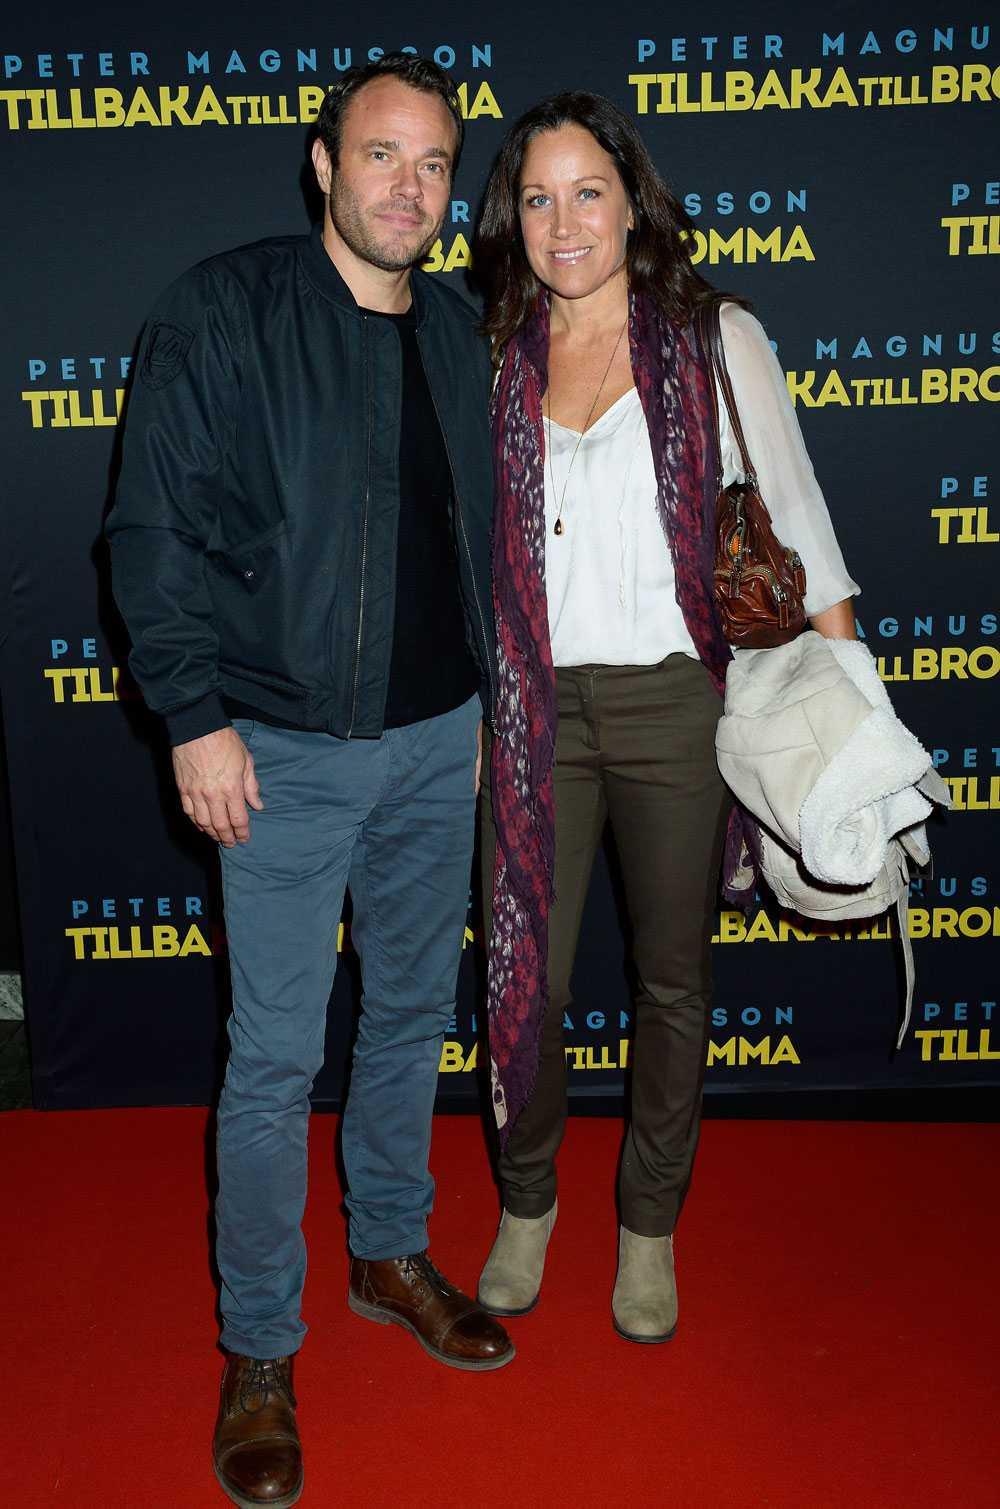 Renée Nyberg & David Hellenius TV4:s mesta powerpar Renée Nyberg, 48, och David Hellenius, 40, delar inte bara arbetsplats - de är också väldigt lika varandra. Så om någon av dem behöver en ersättare någon gång är det bara att ringa den andre. Så himla praktiskt.